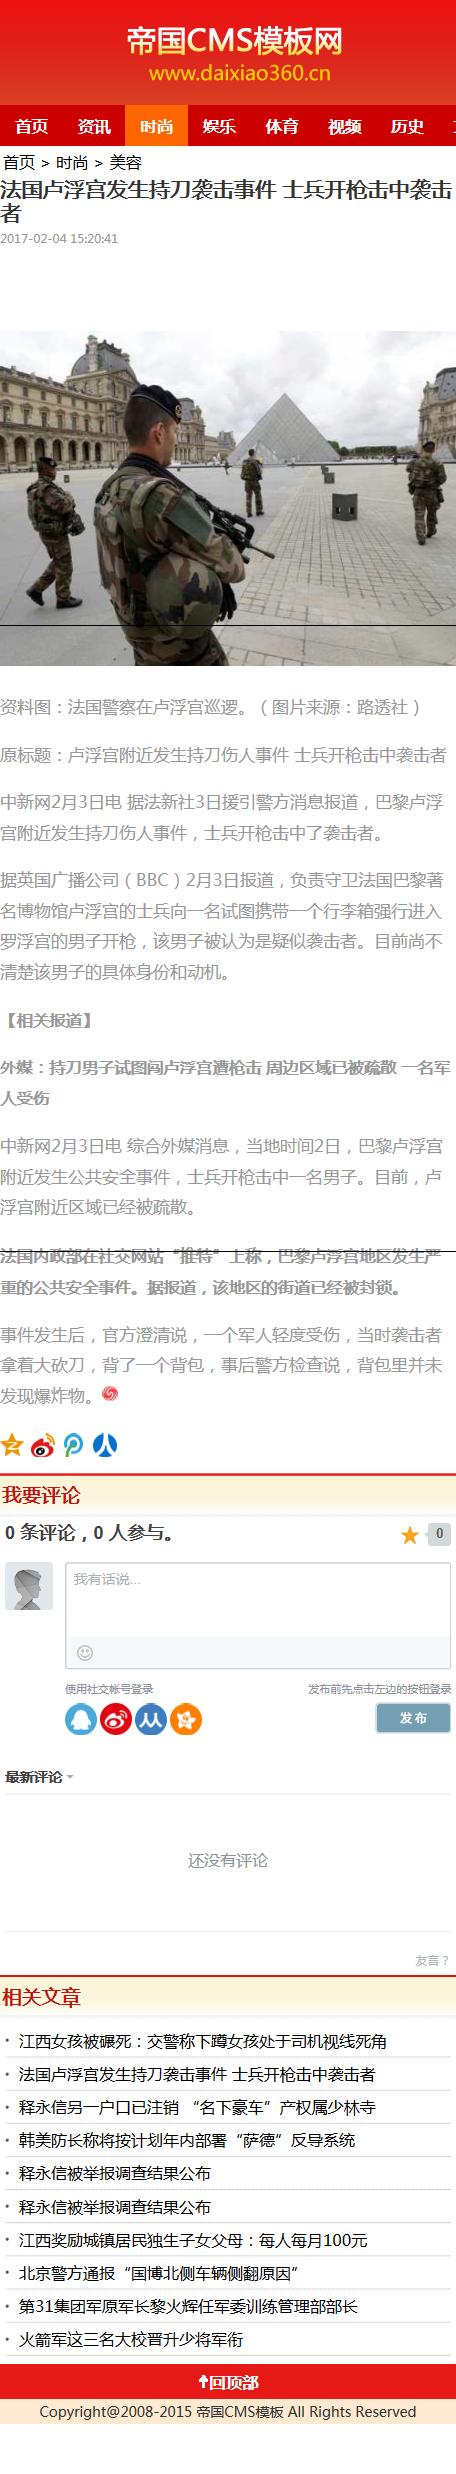 帝国cms wap手机模板文章资讯模板(可改颜色)_文章内容模板